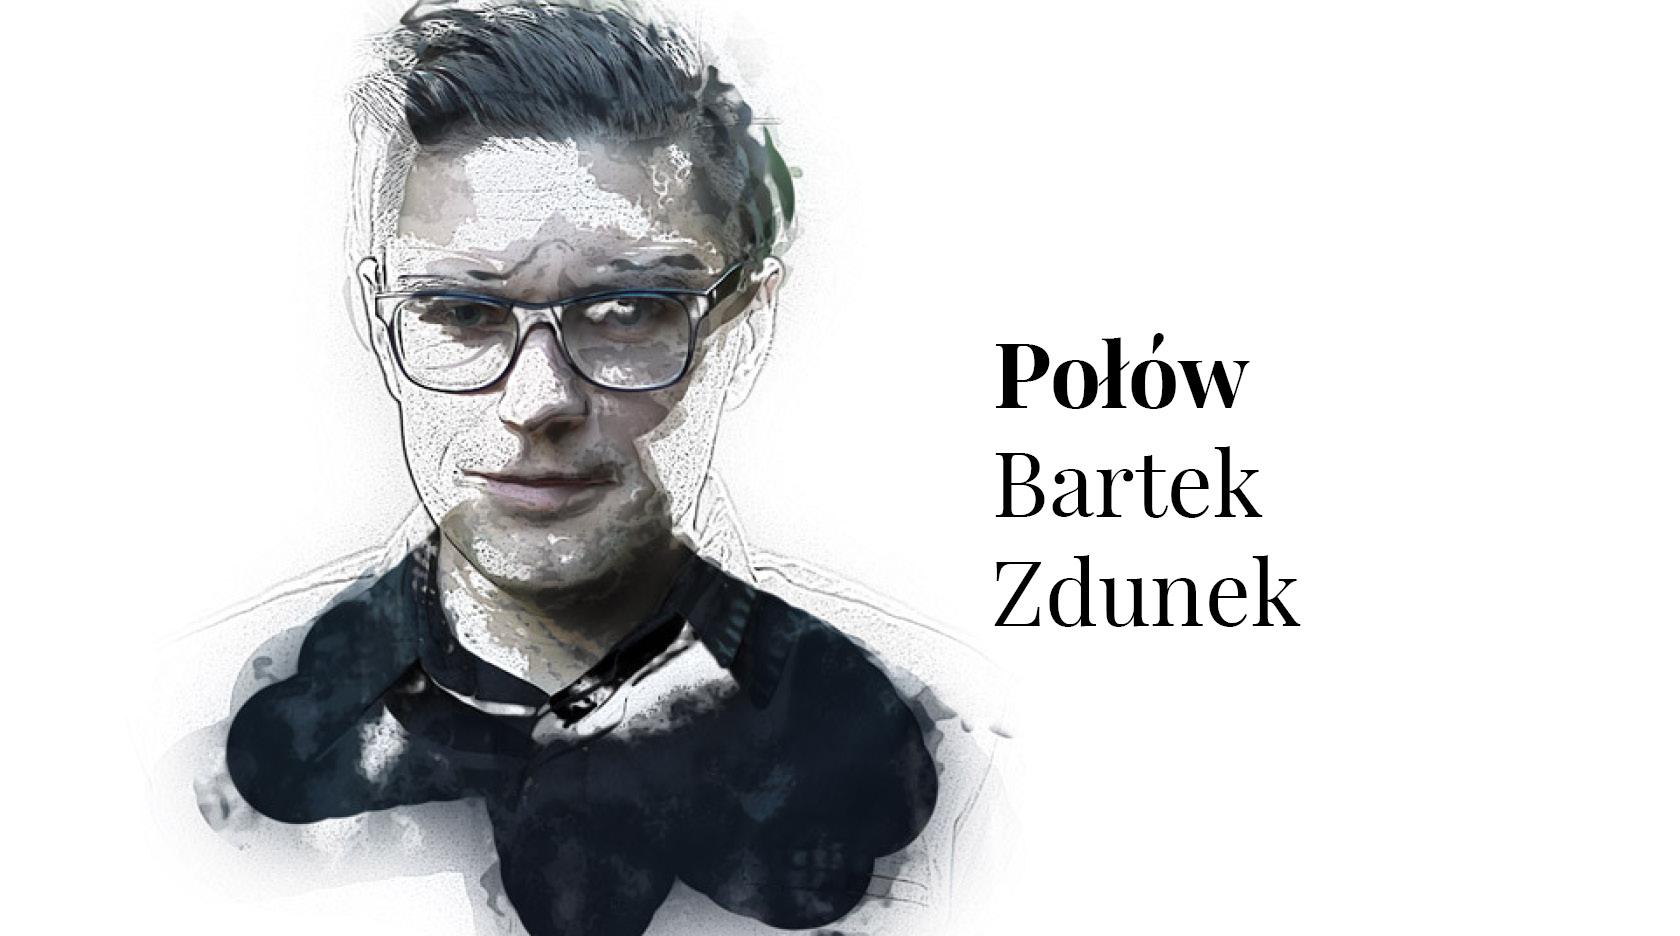 BL Img 2016.10.20 Połów 2016 Bartek ZDUNEK_www_top